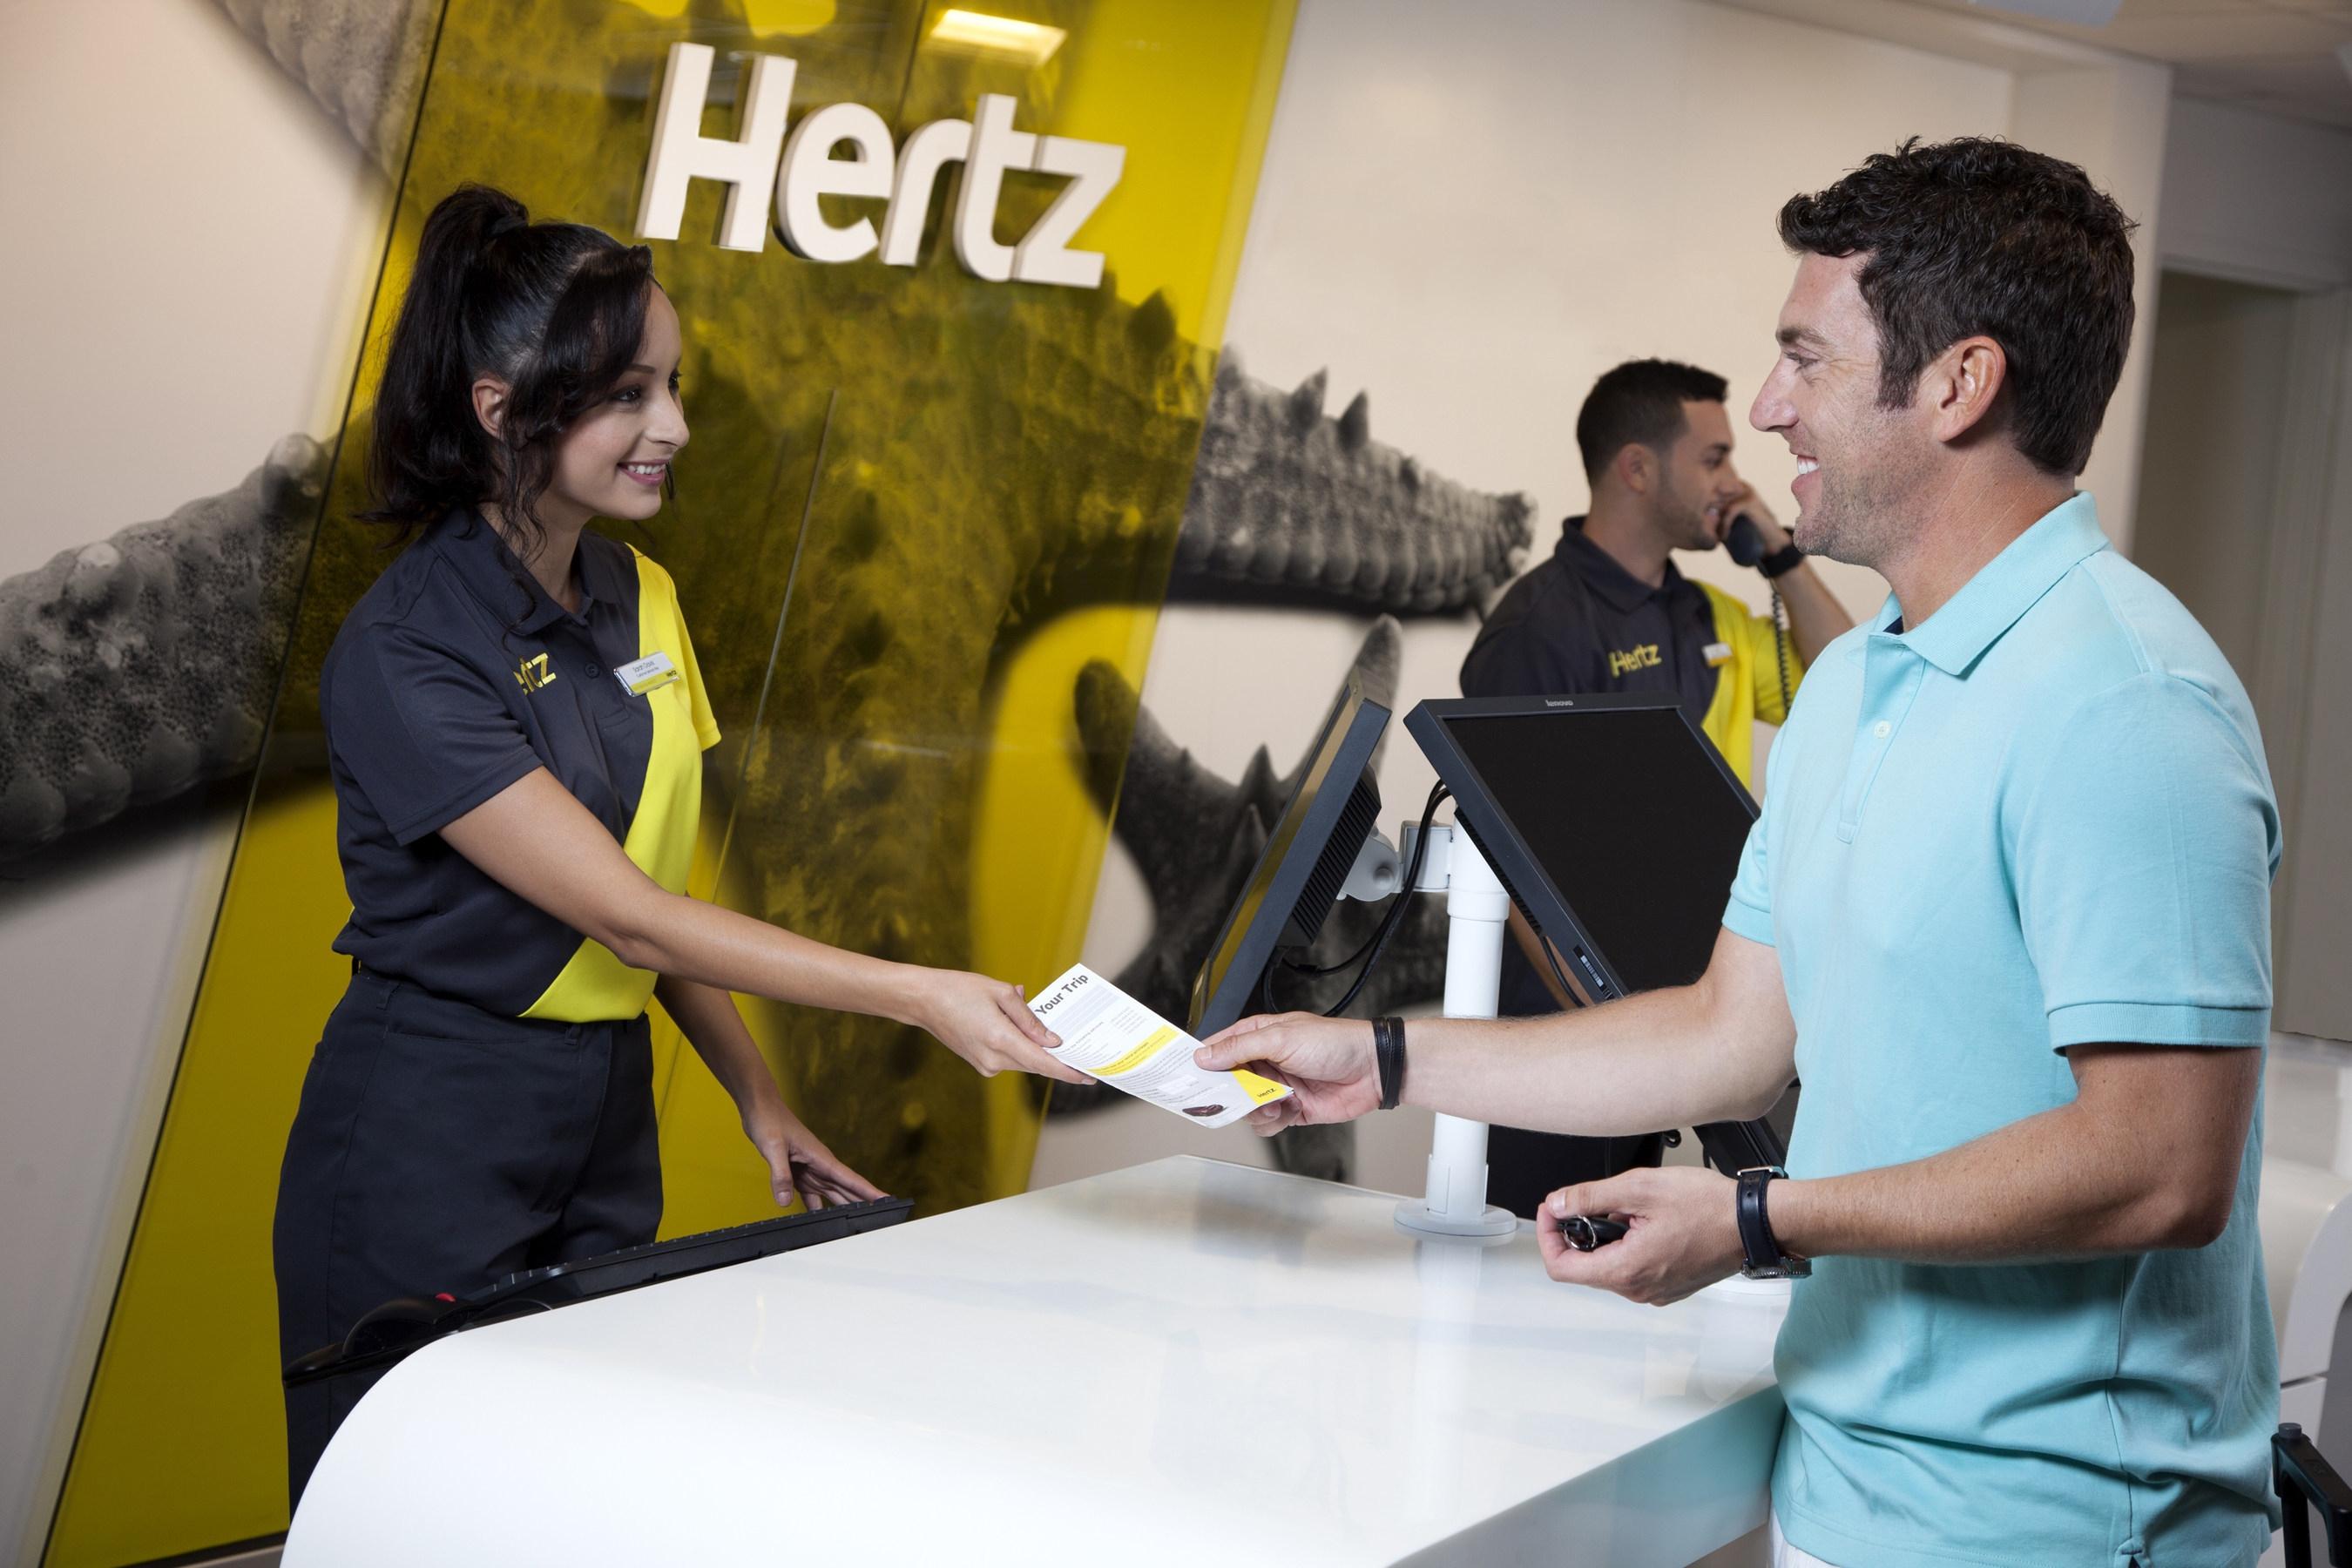 Hertz rental agent giving agreement to customer.